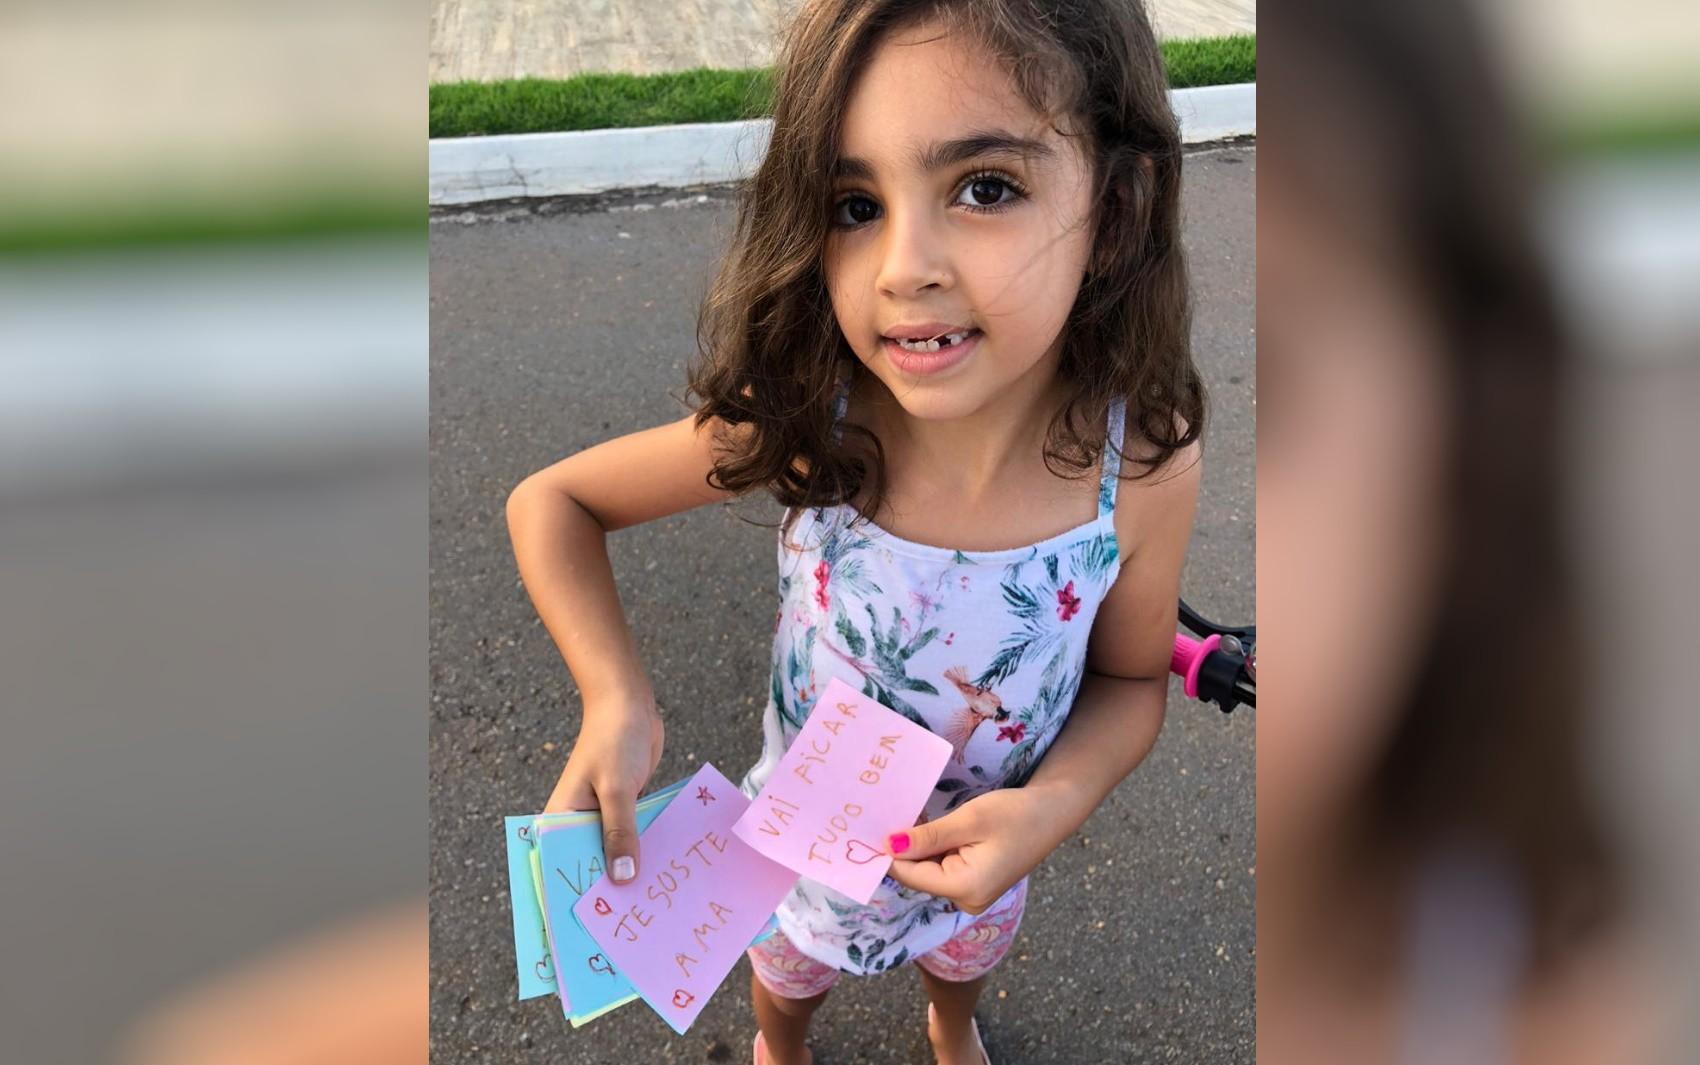 Menina de 7 anos escreve cartinhas motivadoras e coloca nas caixas de correio dos vizinhos, em Goiânia